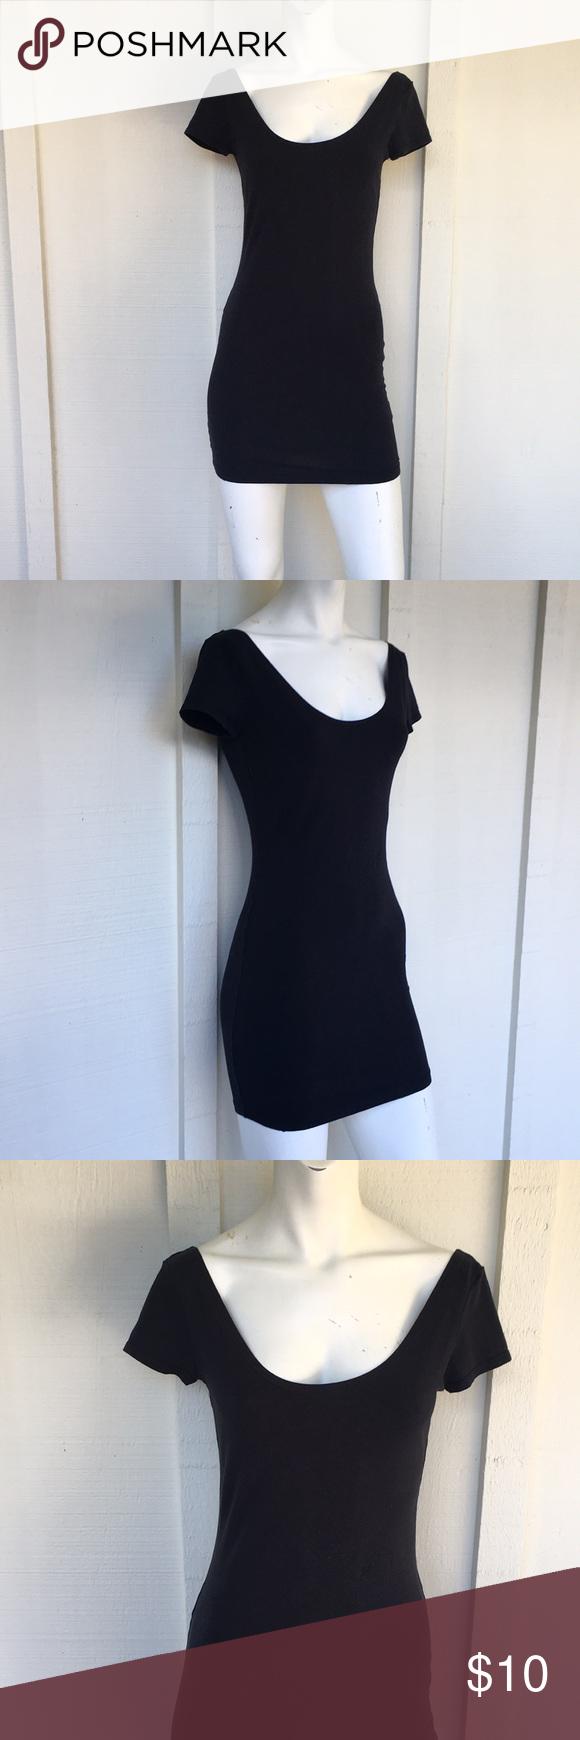 Size small black mini dress Size small black mini dress Emo punk rock goth pinup Dresses Mini #emodresses